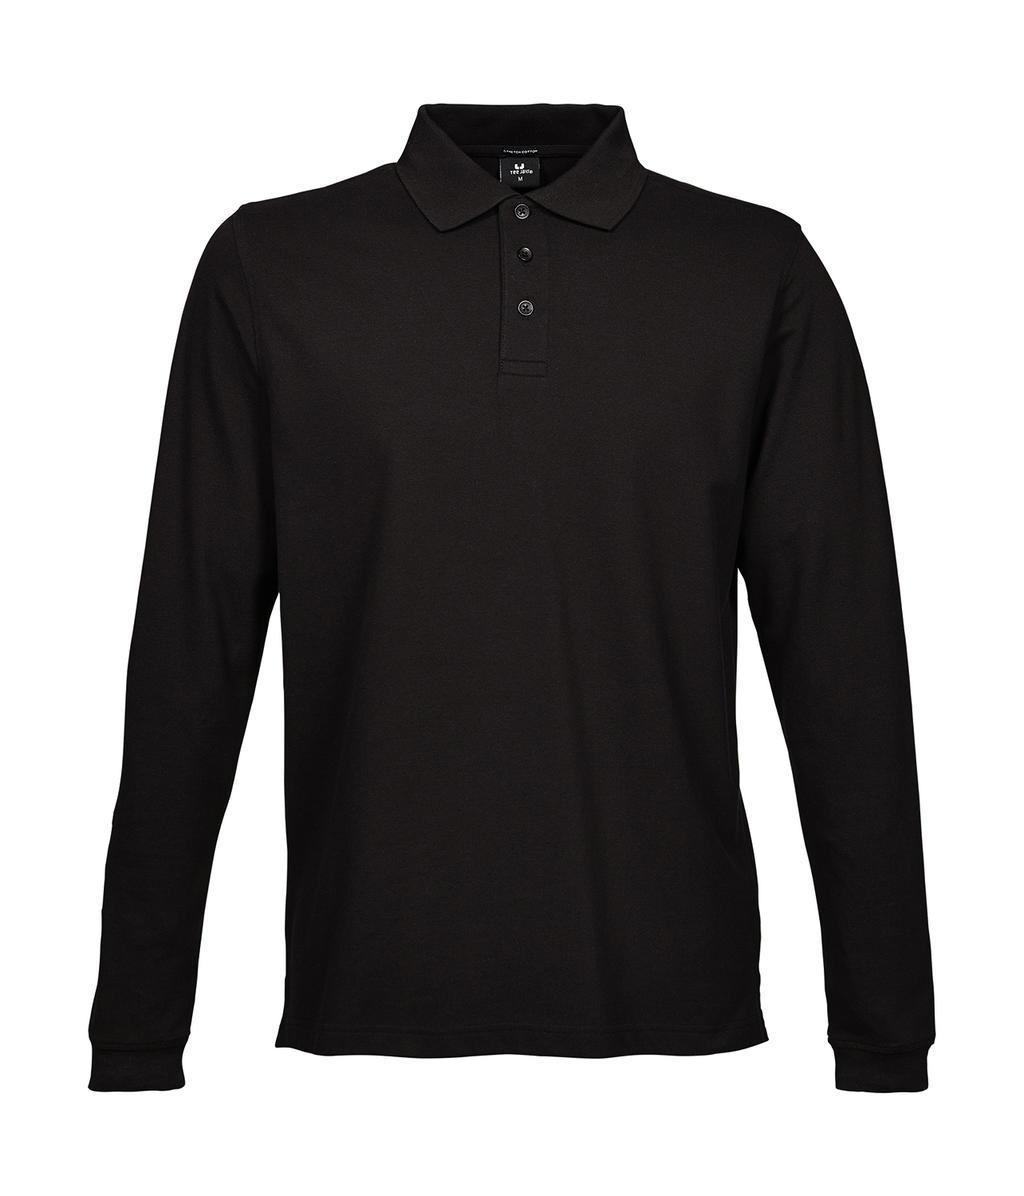 Polo trièko s dlouhým rukávem Luxury Stretch - zvìtšit obrázek